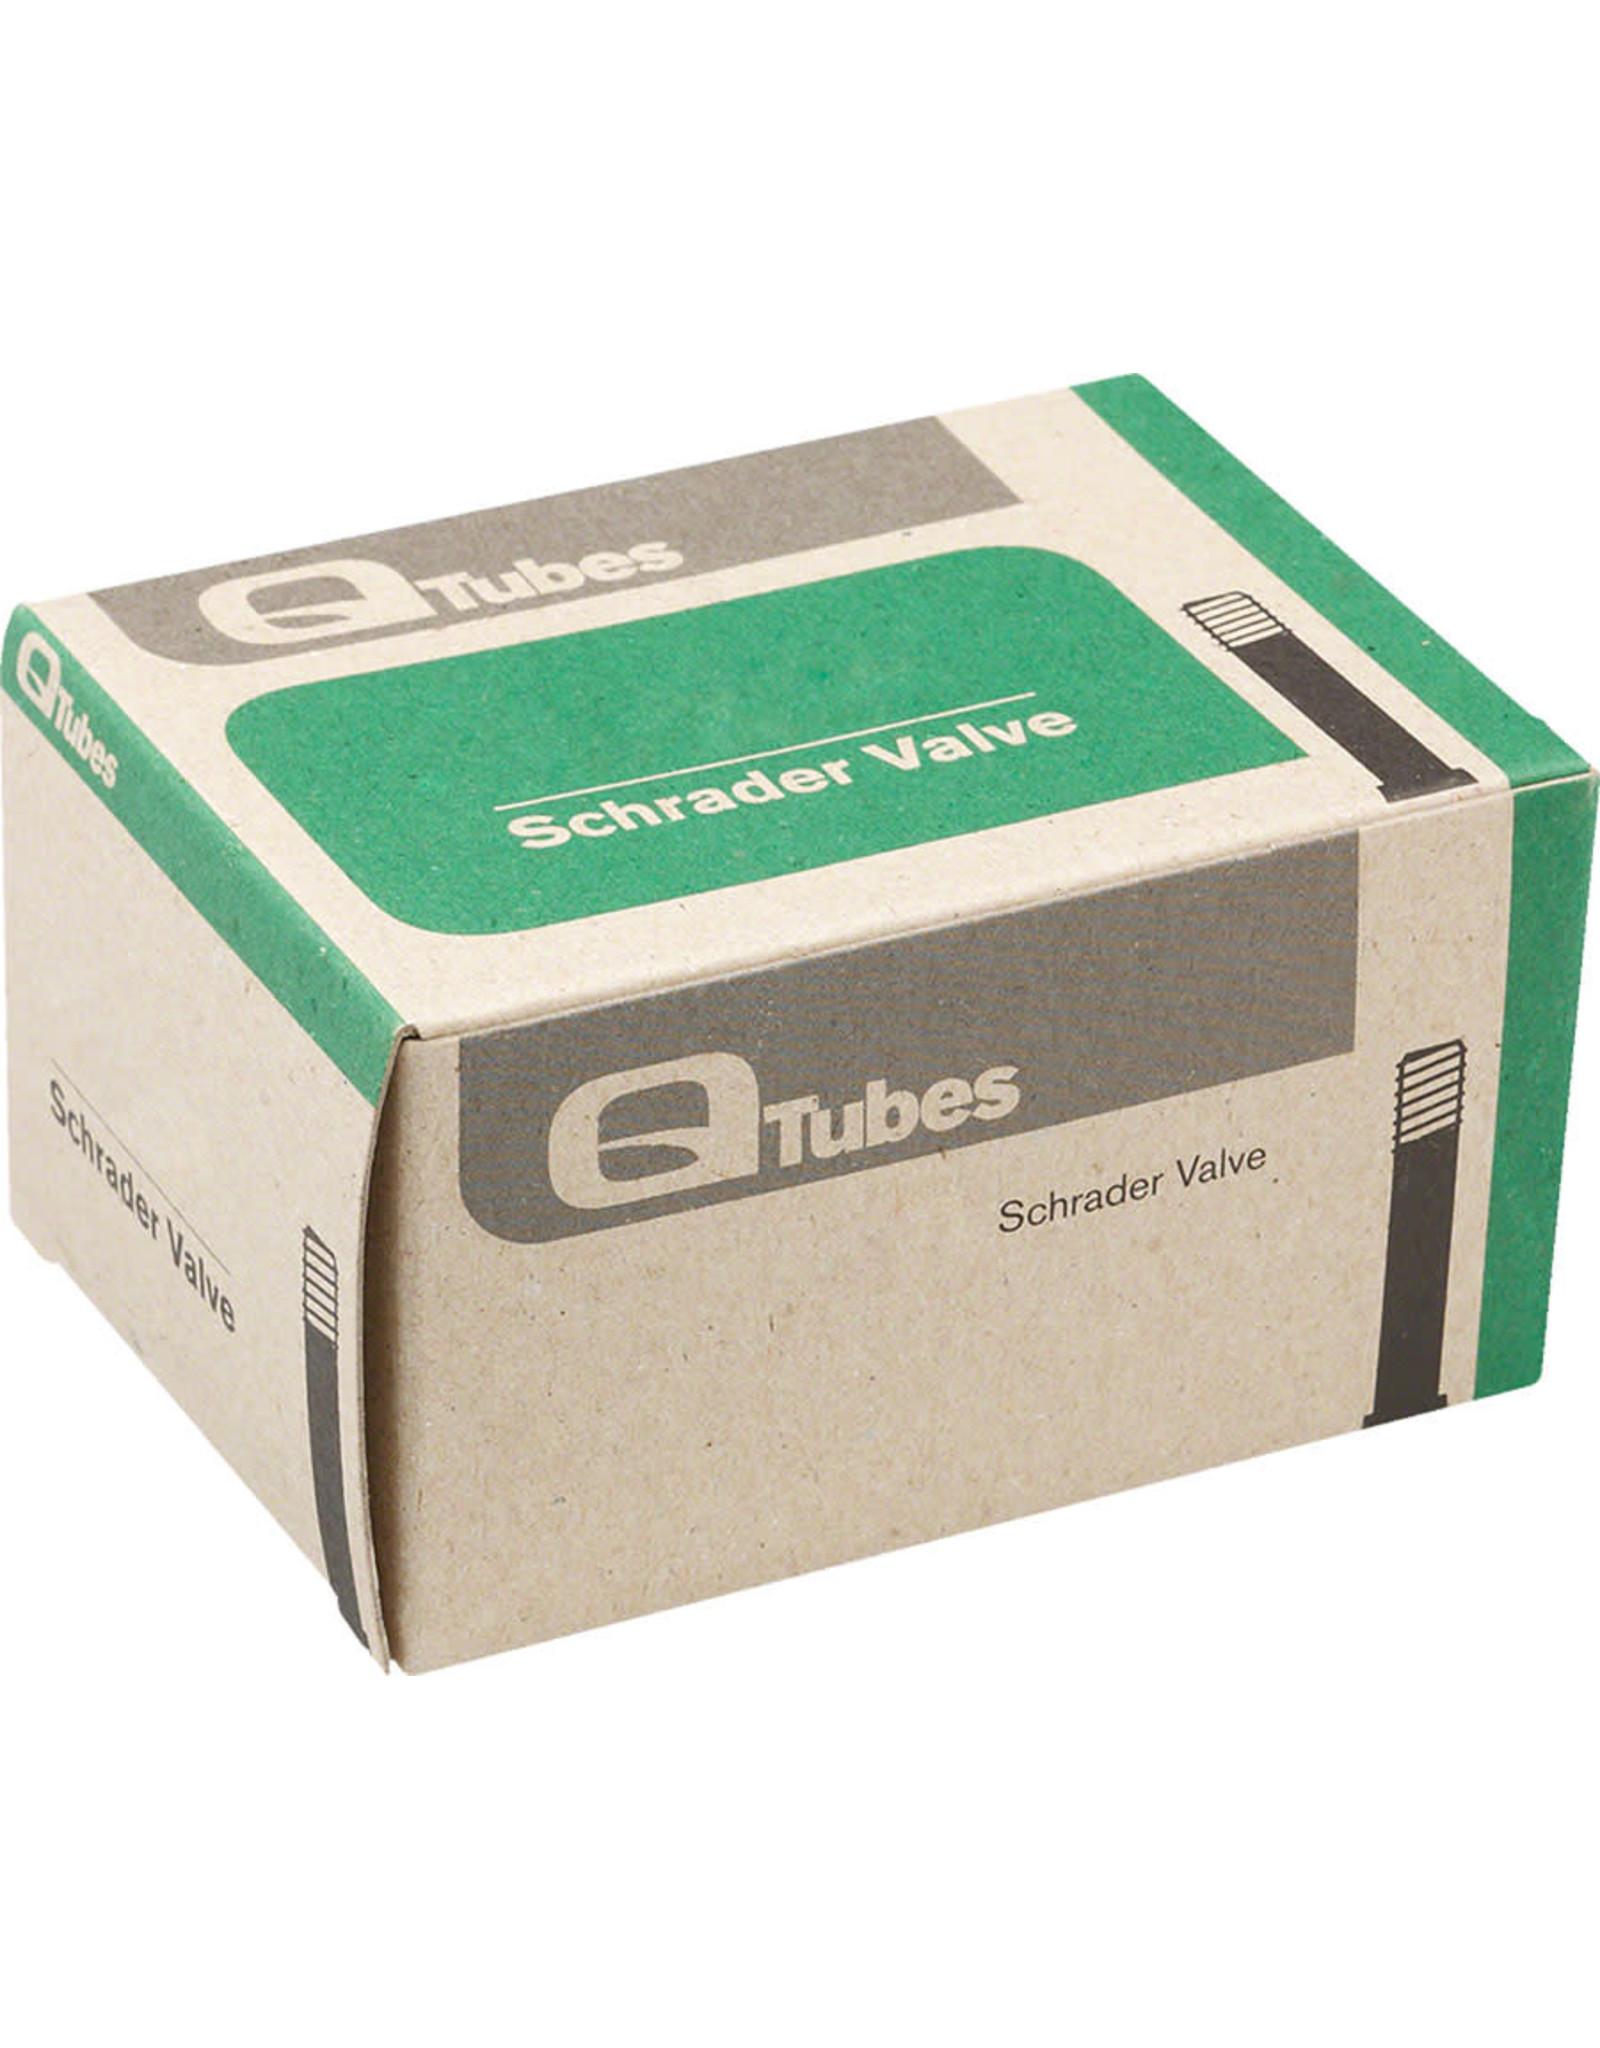 """Q-Tubes Q-Tubes 16"""" x 1.75-2.125"""" Schrader Valve Tube 102g *Low Lead Valve*"""